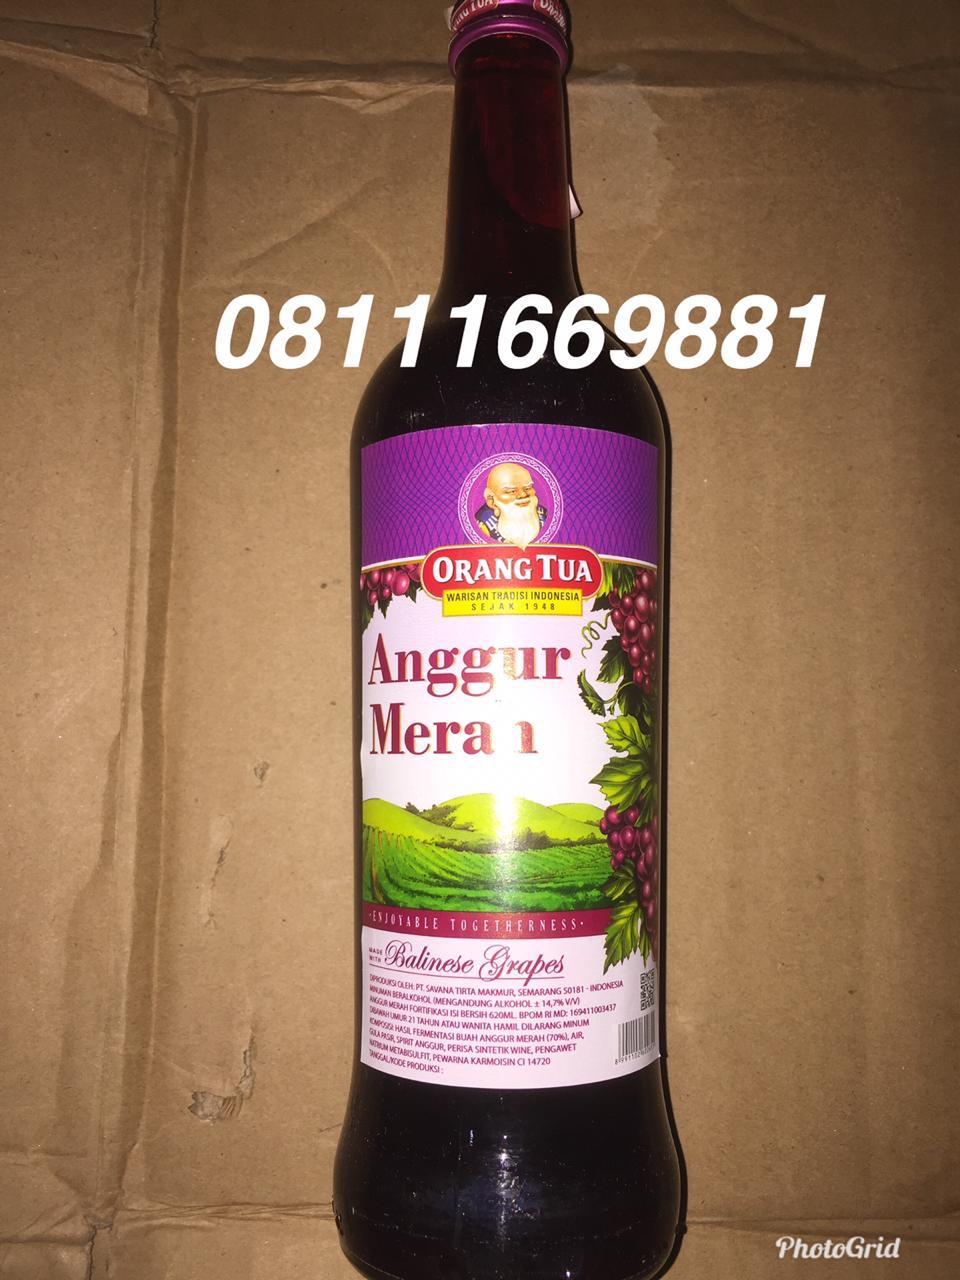 Top Five Apakah Anggur Merah Cap Orang Tua Mengandung Alkohol Circus